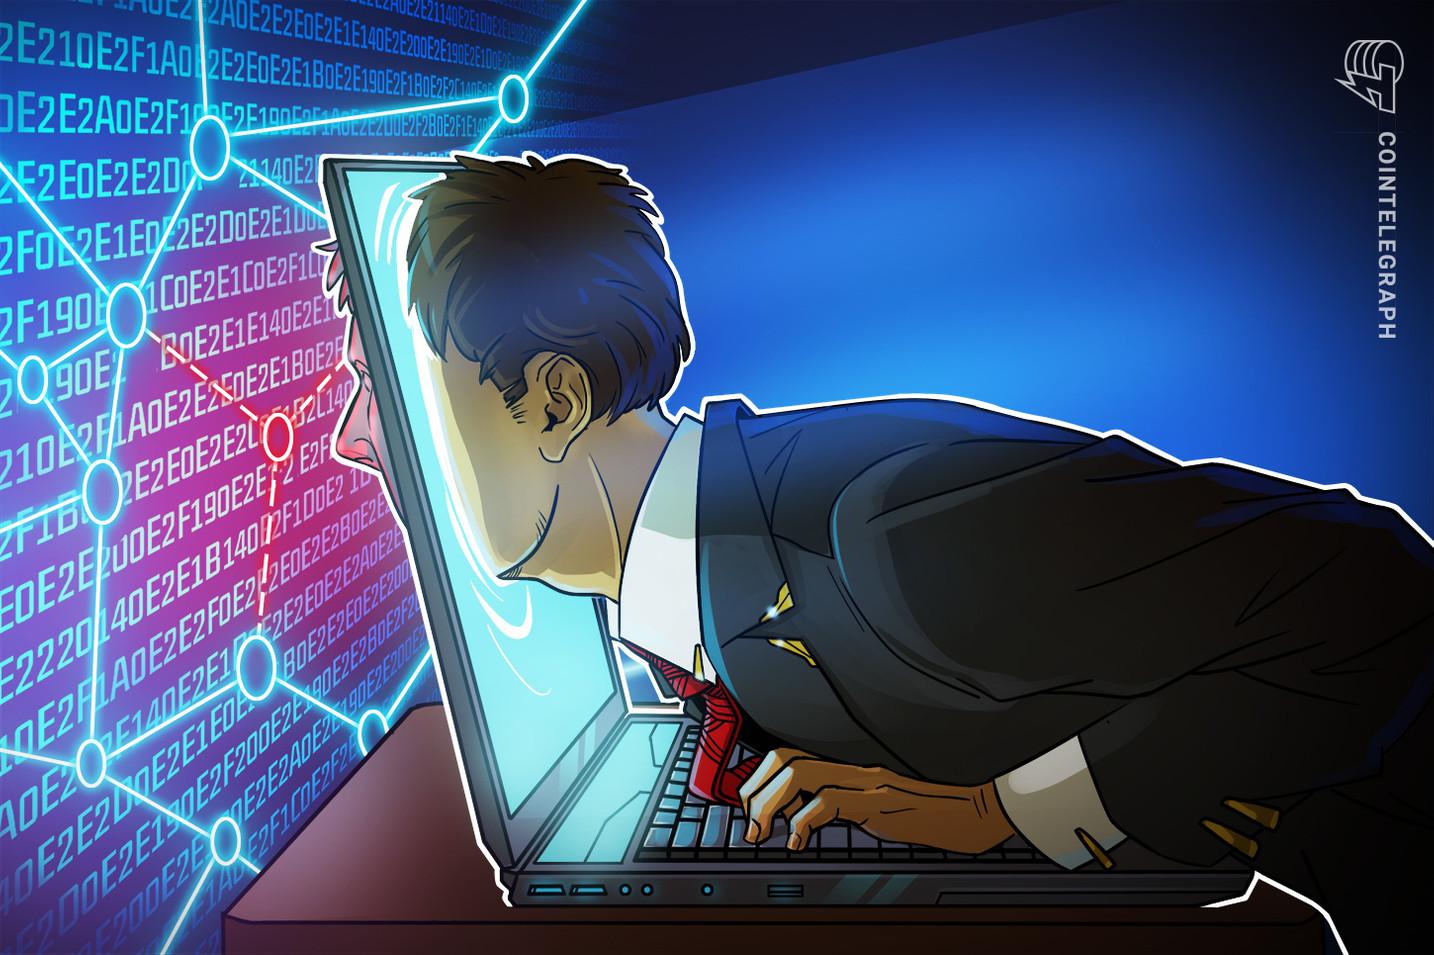 Una estafa de Bitcoin expone a miles de personas a la filtración de datos